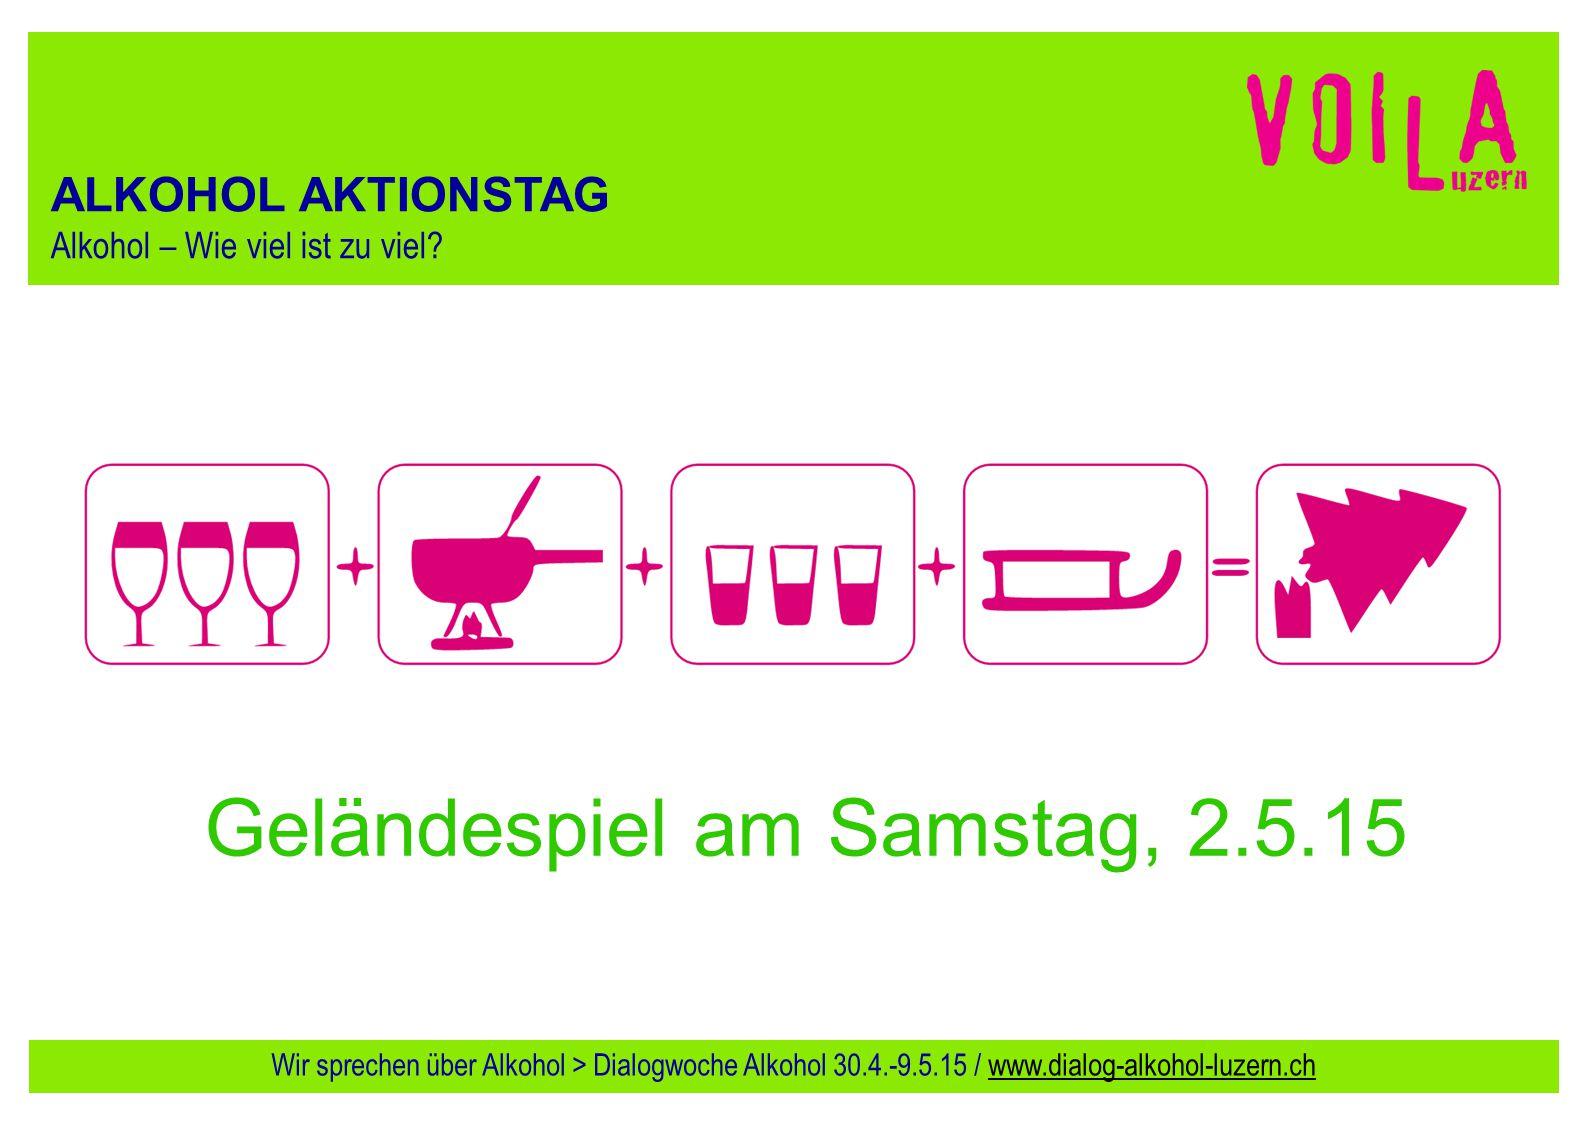 ALKOHOL AKTIONSTAG Alkohol – Wie viel ist zu viel? Geländespiel am Samstag, 2.5.15 Wir sprechen über Alkohol > Dialogwoche Alkohol 30.4.-9.5.15 / www.